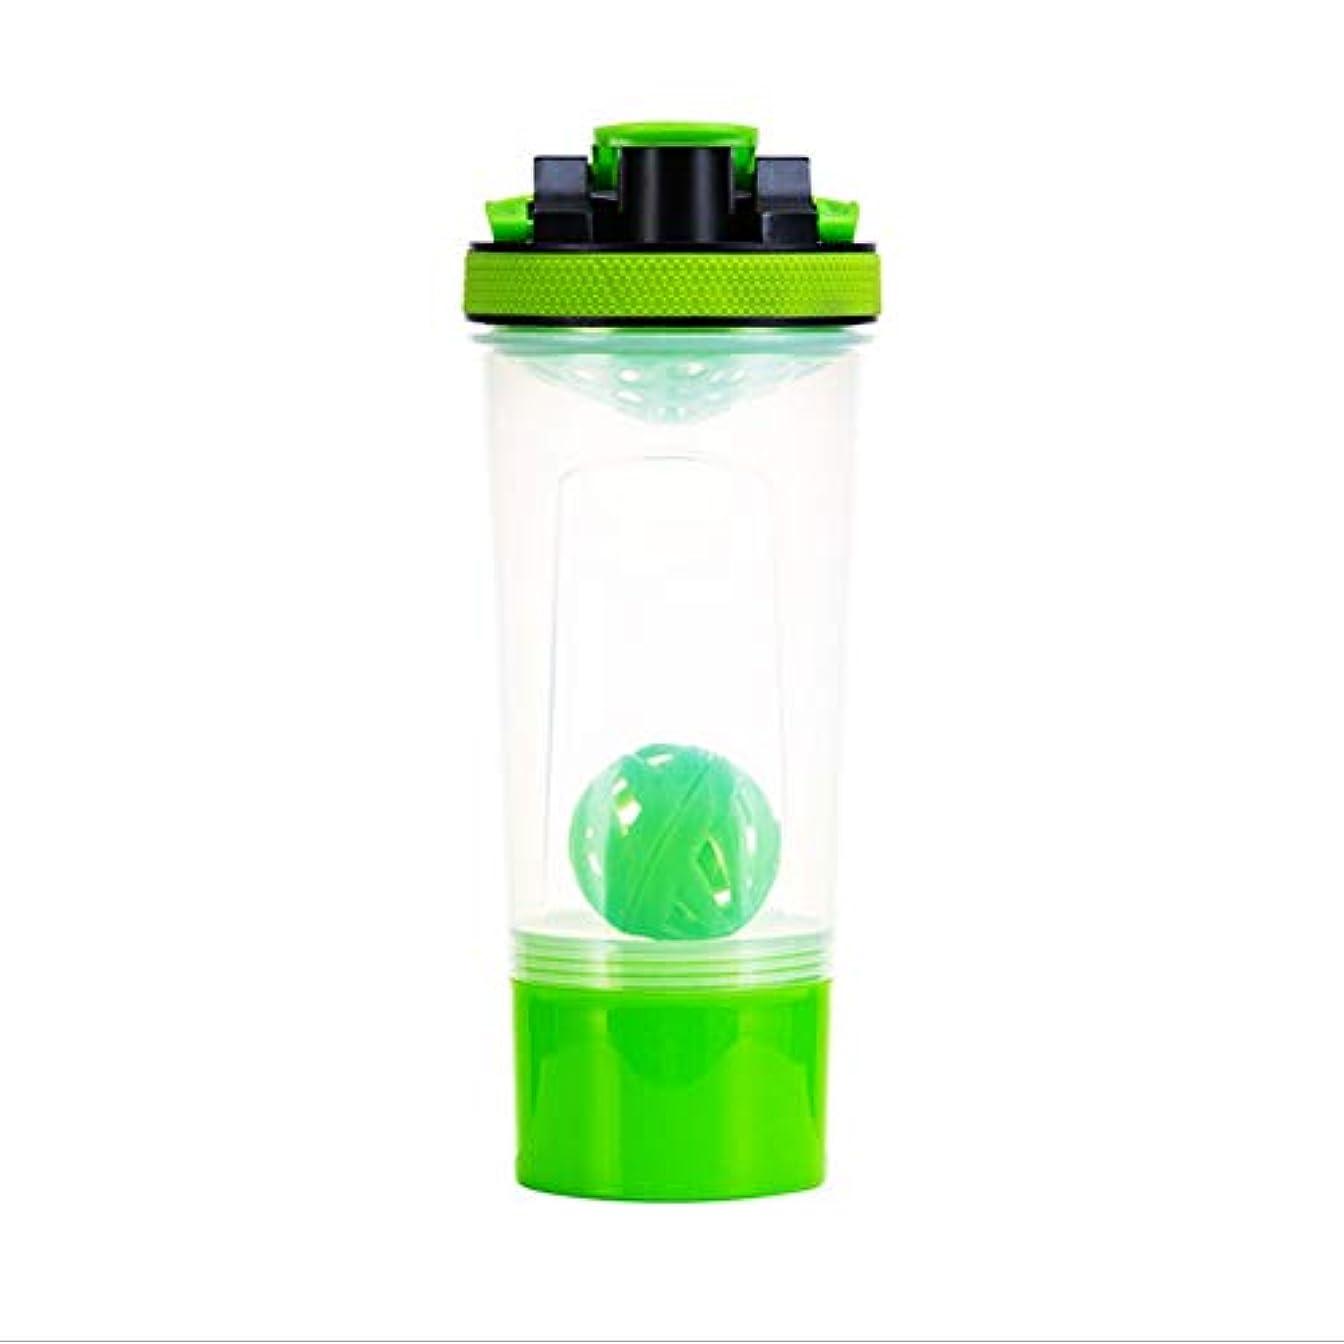 平行接辞どこでもQuner プロテインシェイカー ボトル 水筒 700ml シェーカーボトル スポーツボトル 目盛り 3層 プラスチック フィットネス ダイエット コンテナ付き サプリケース